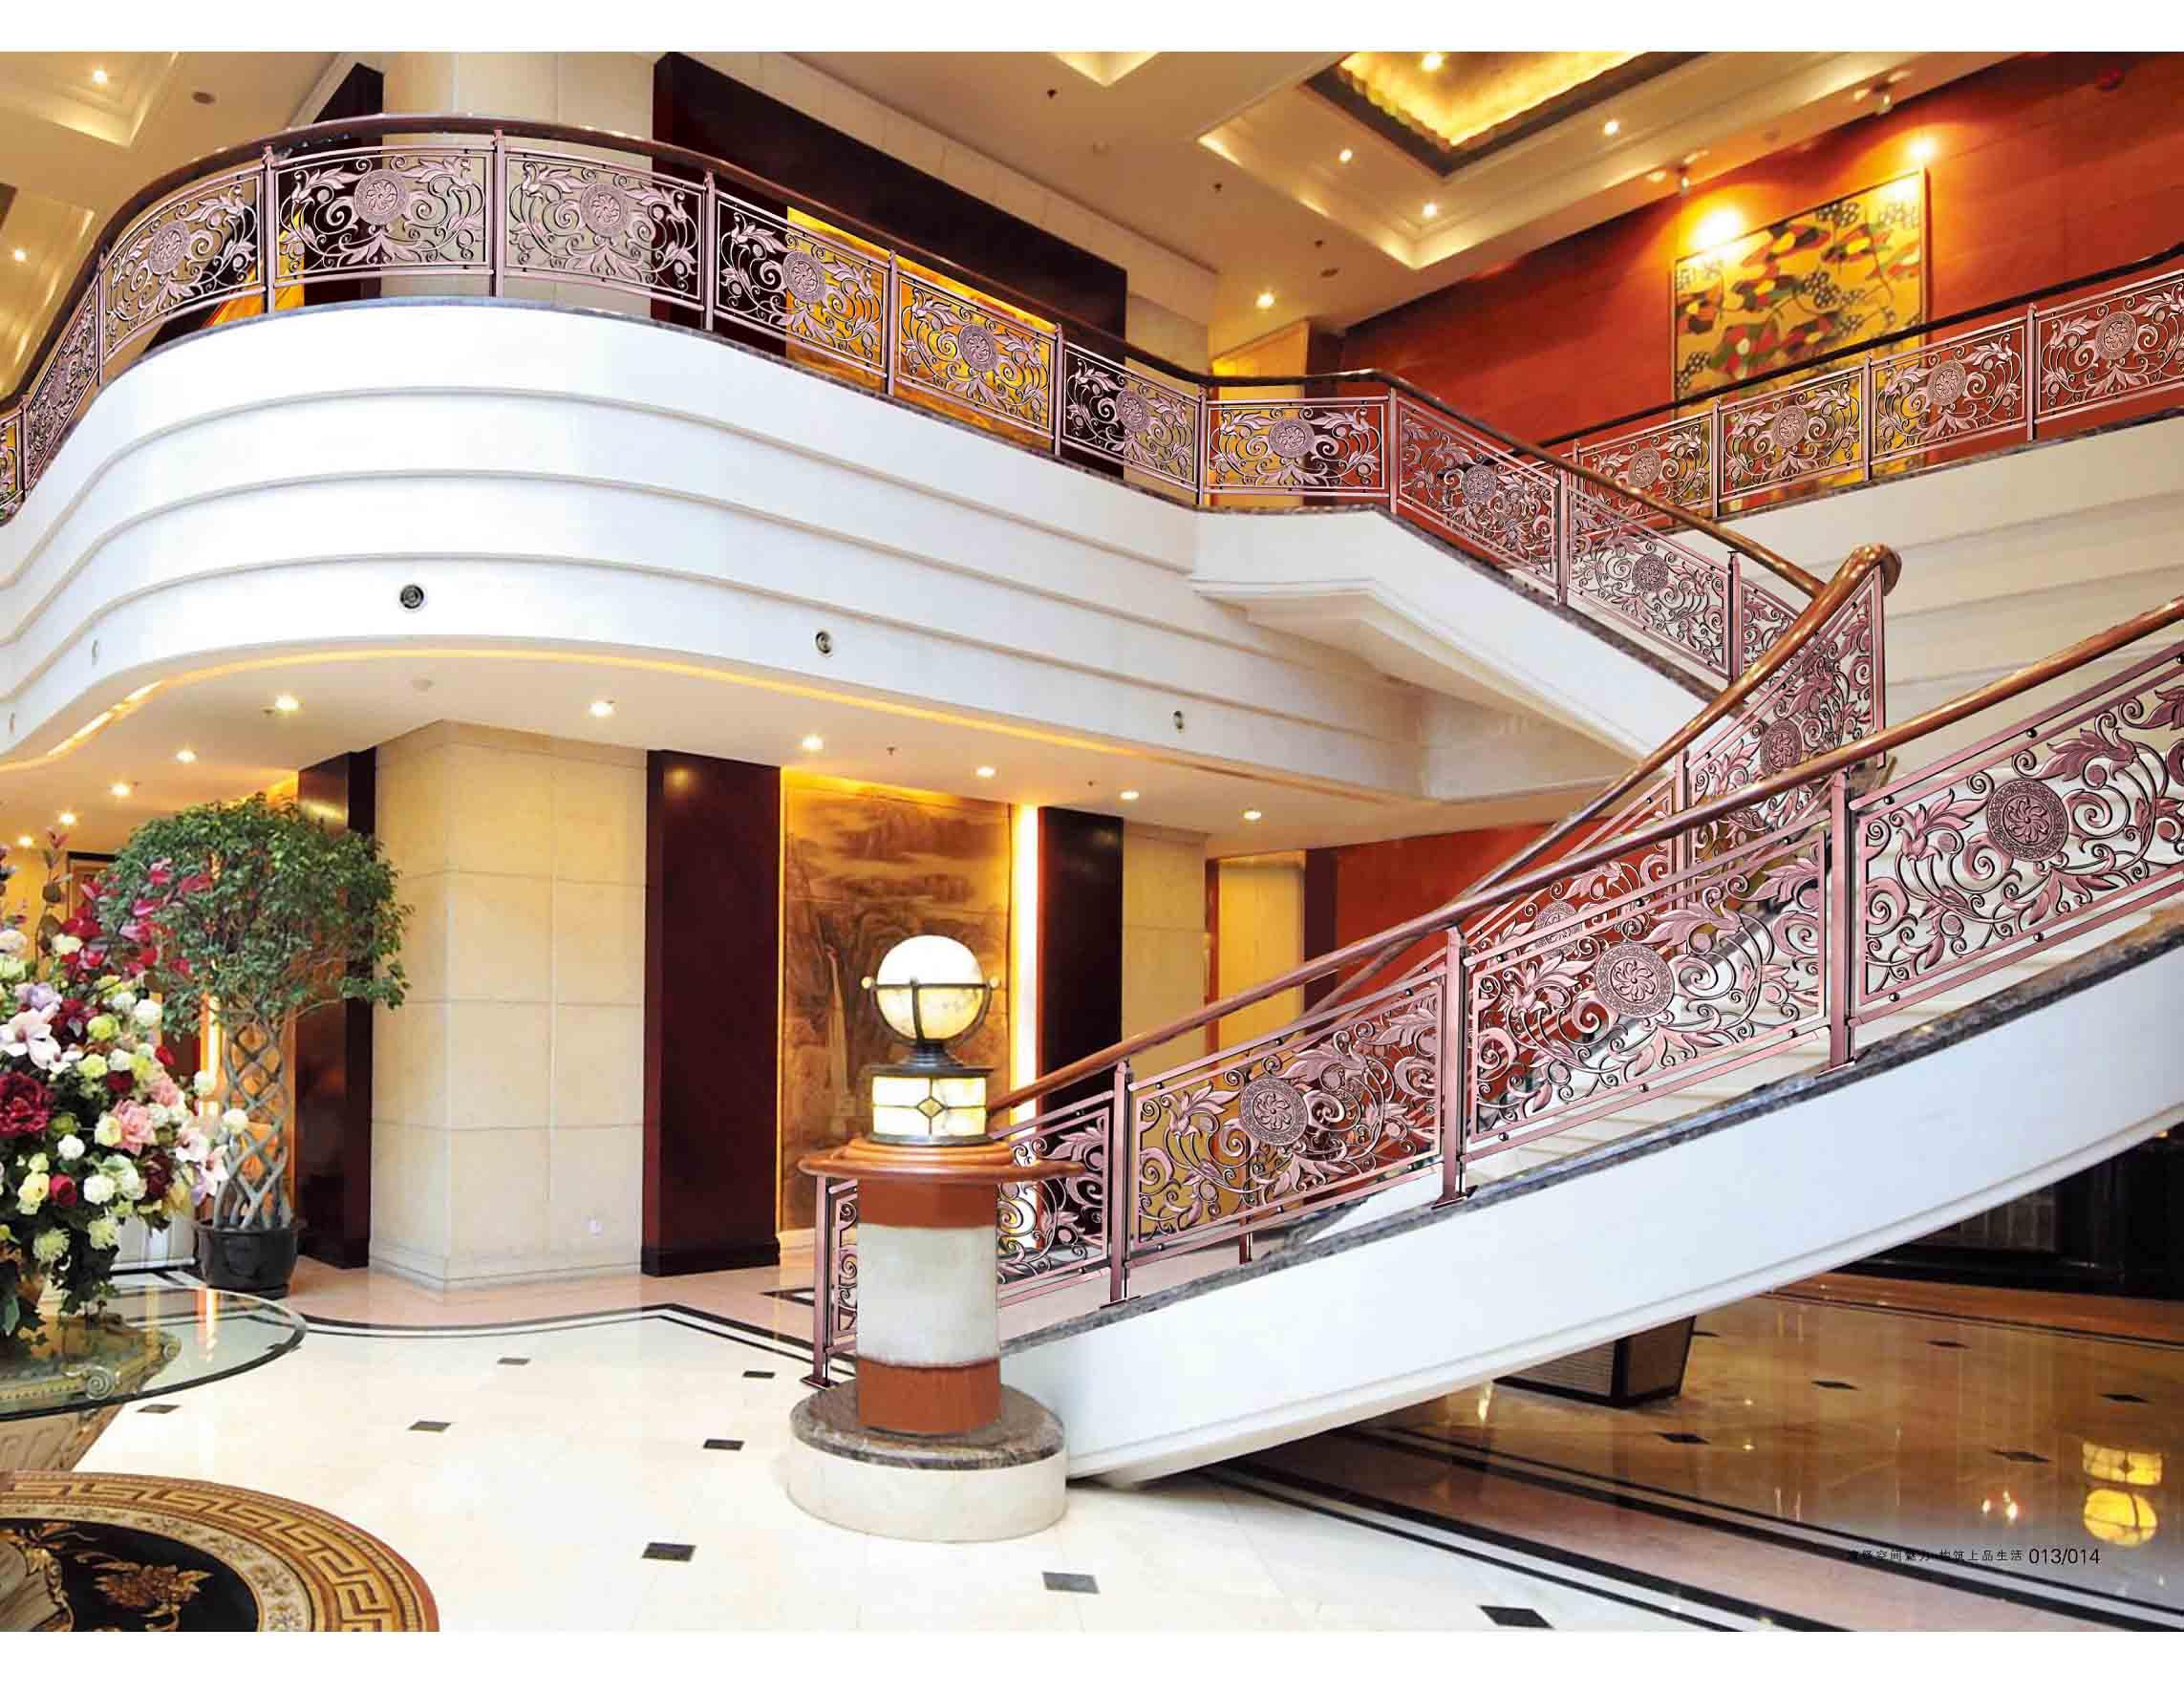 JLA003香槟王国/楼梯护栏/铜艺楼梯/酒店楼梯护栏